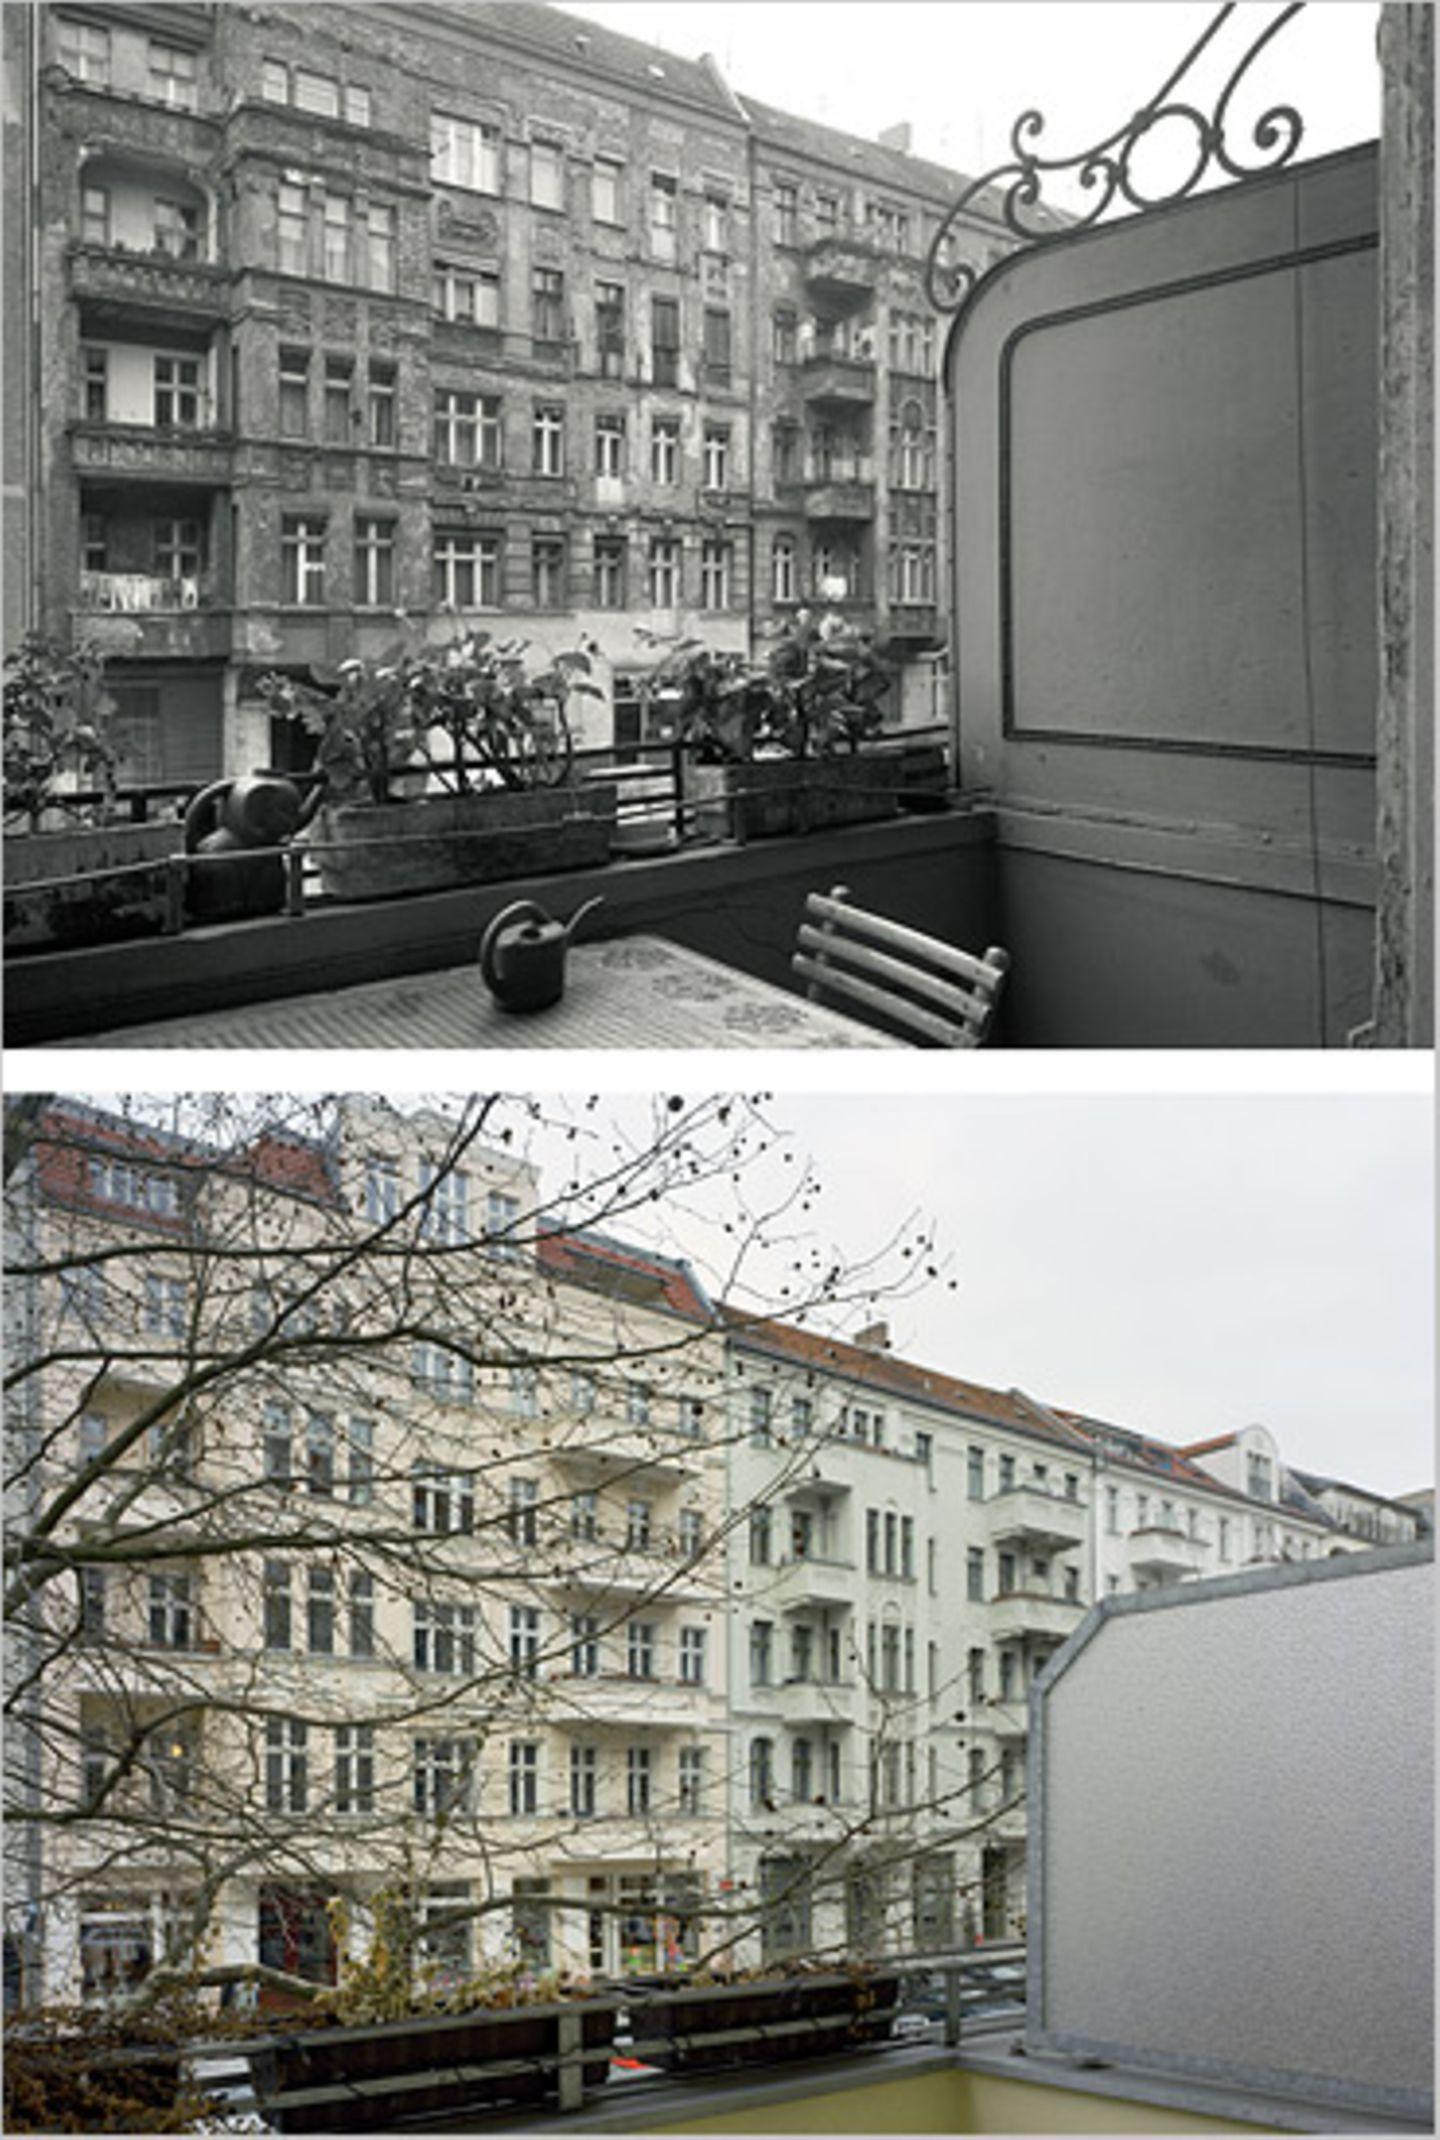 Fotogalerie: Eine deutsche Straße im Wandel - Bild 4